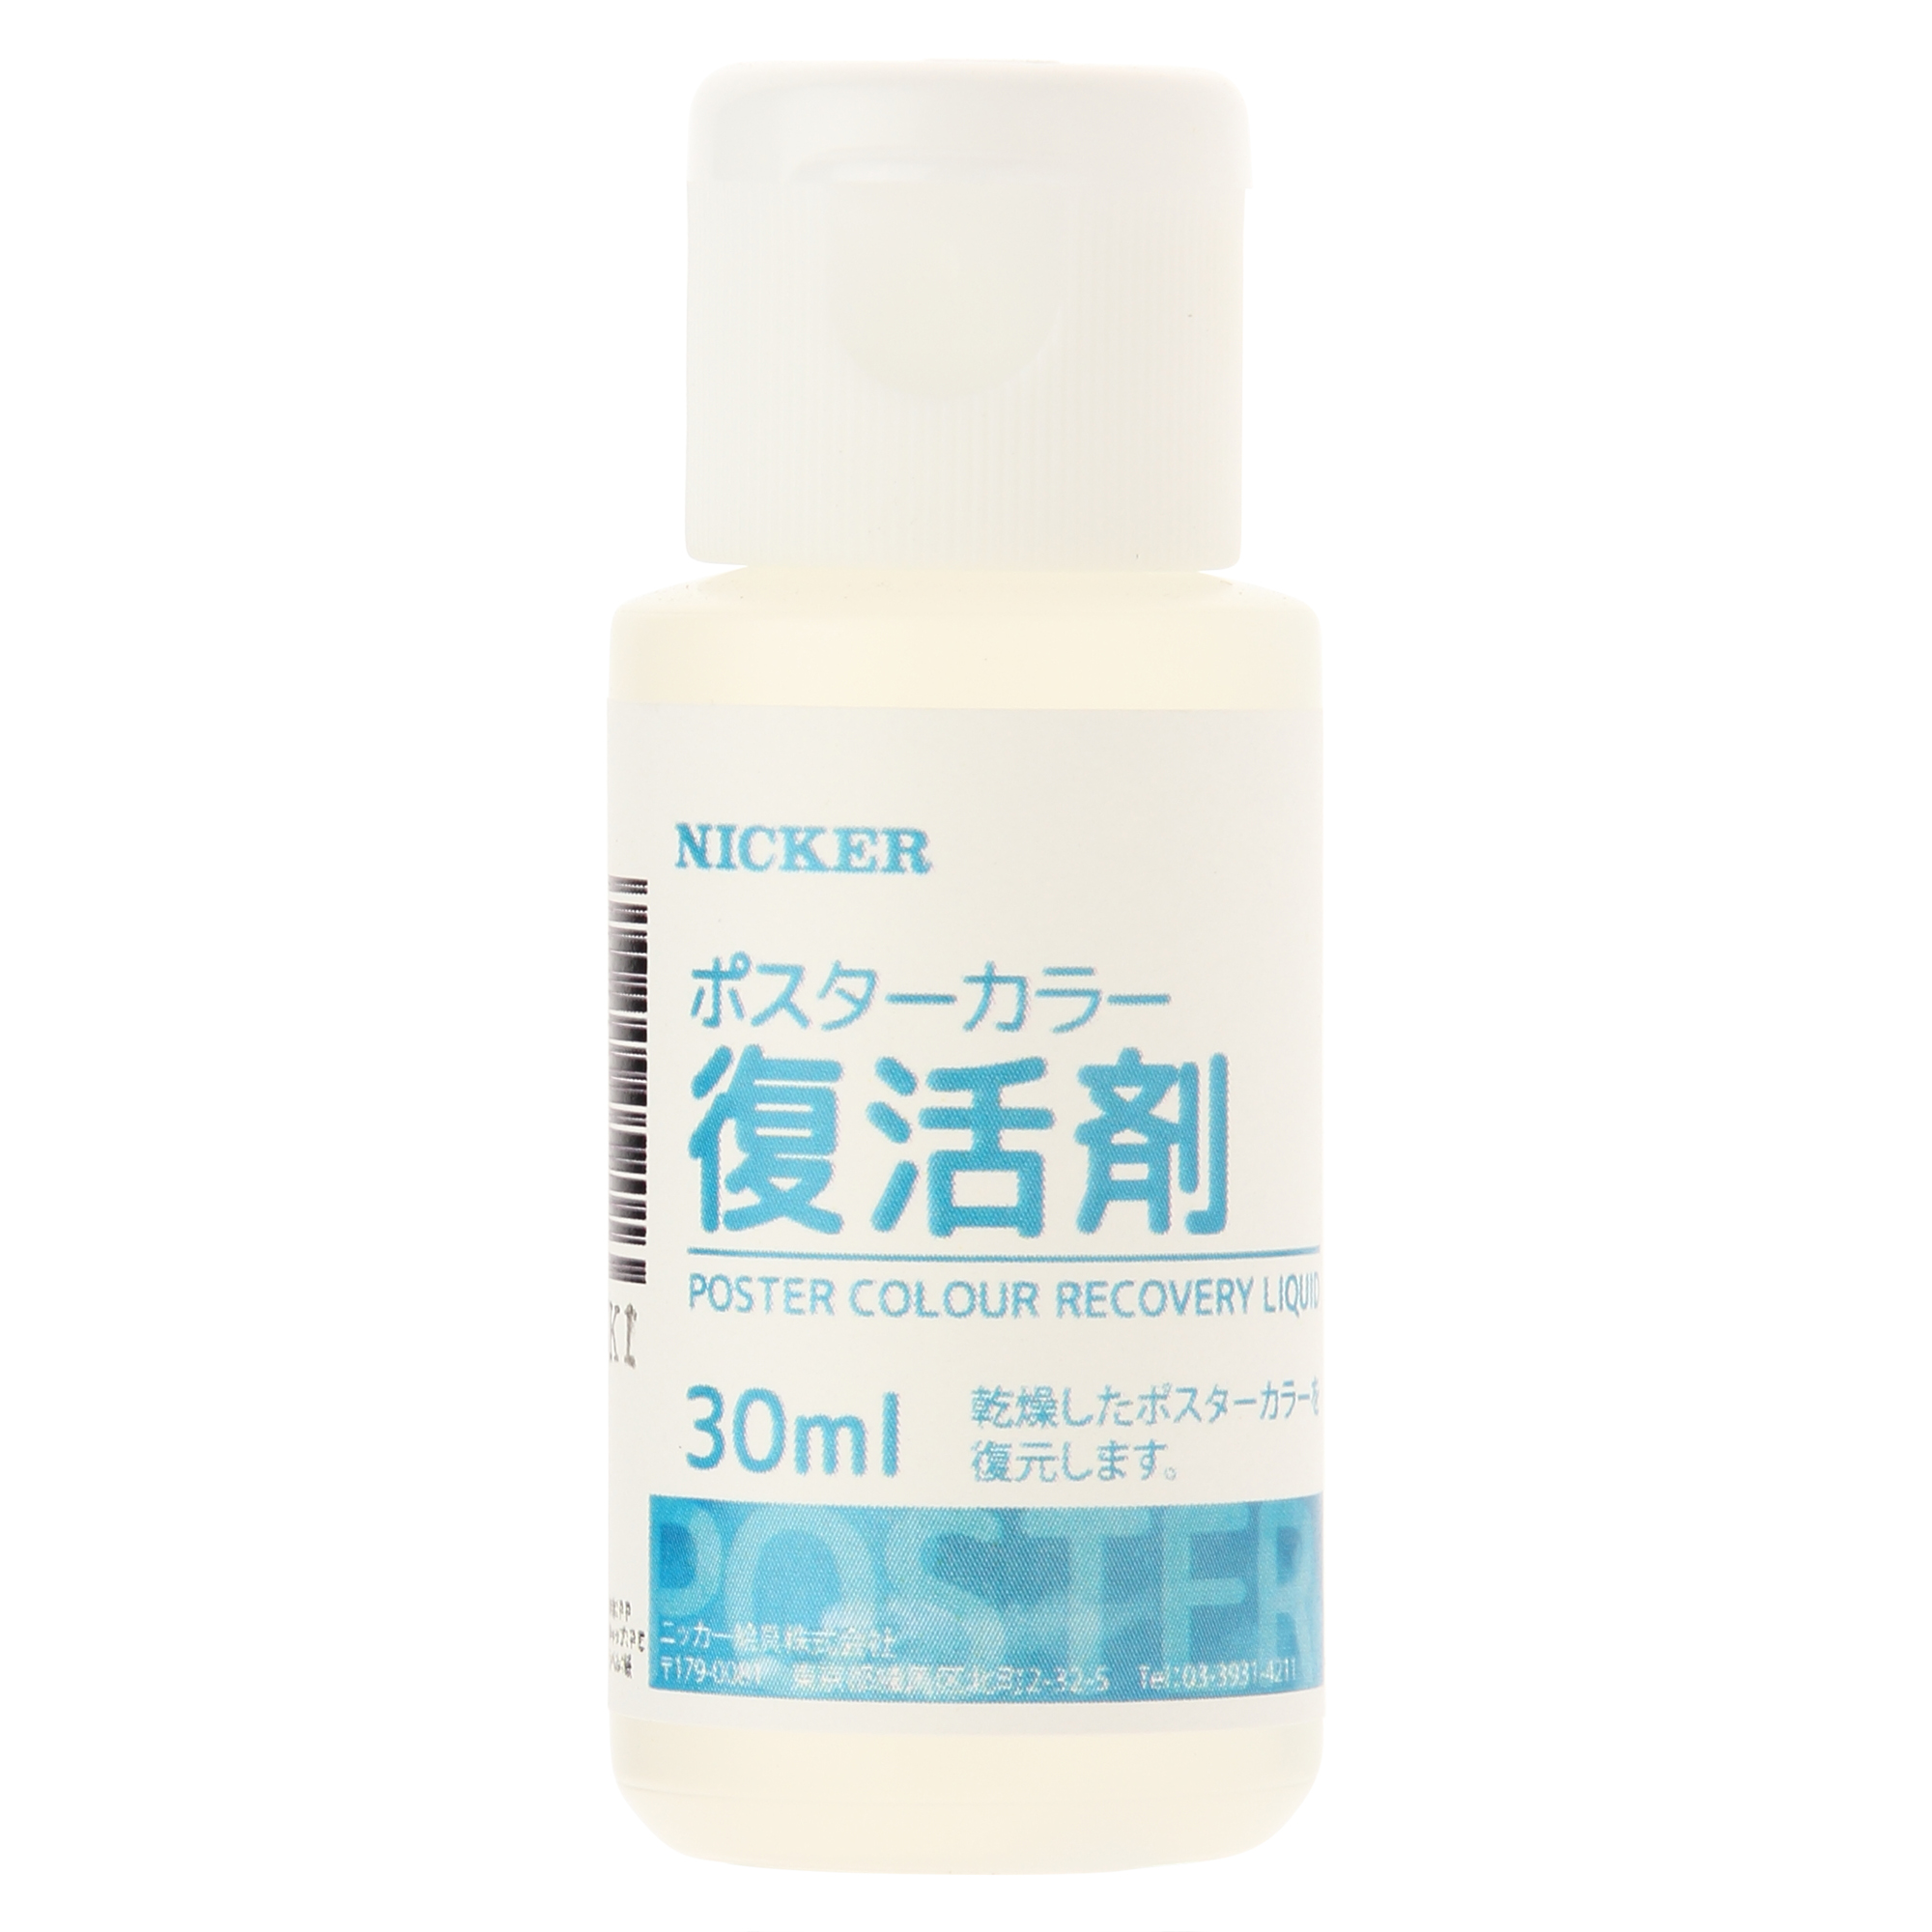 ポスターカラー復活剤30ml